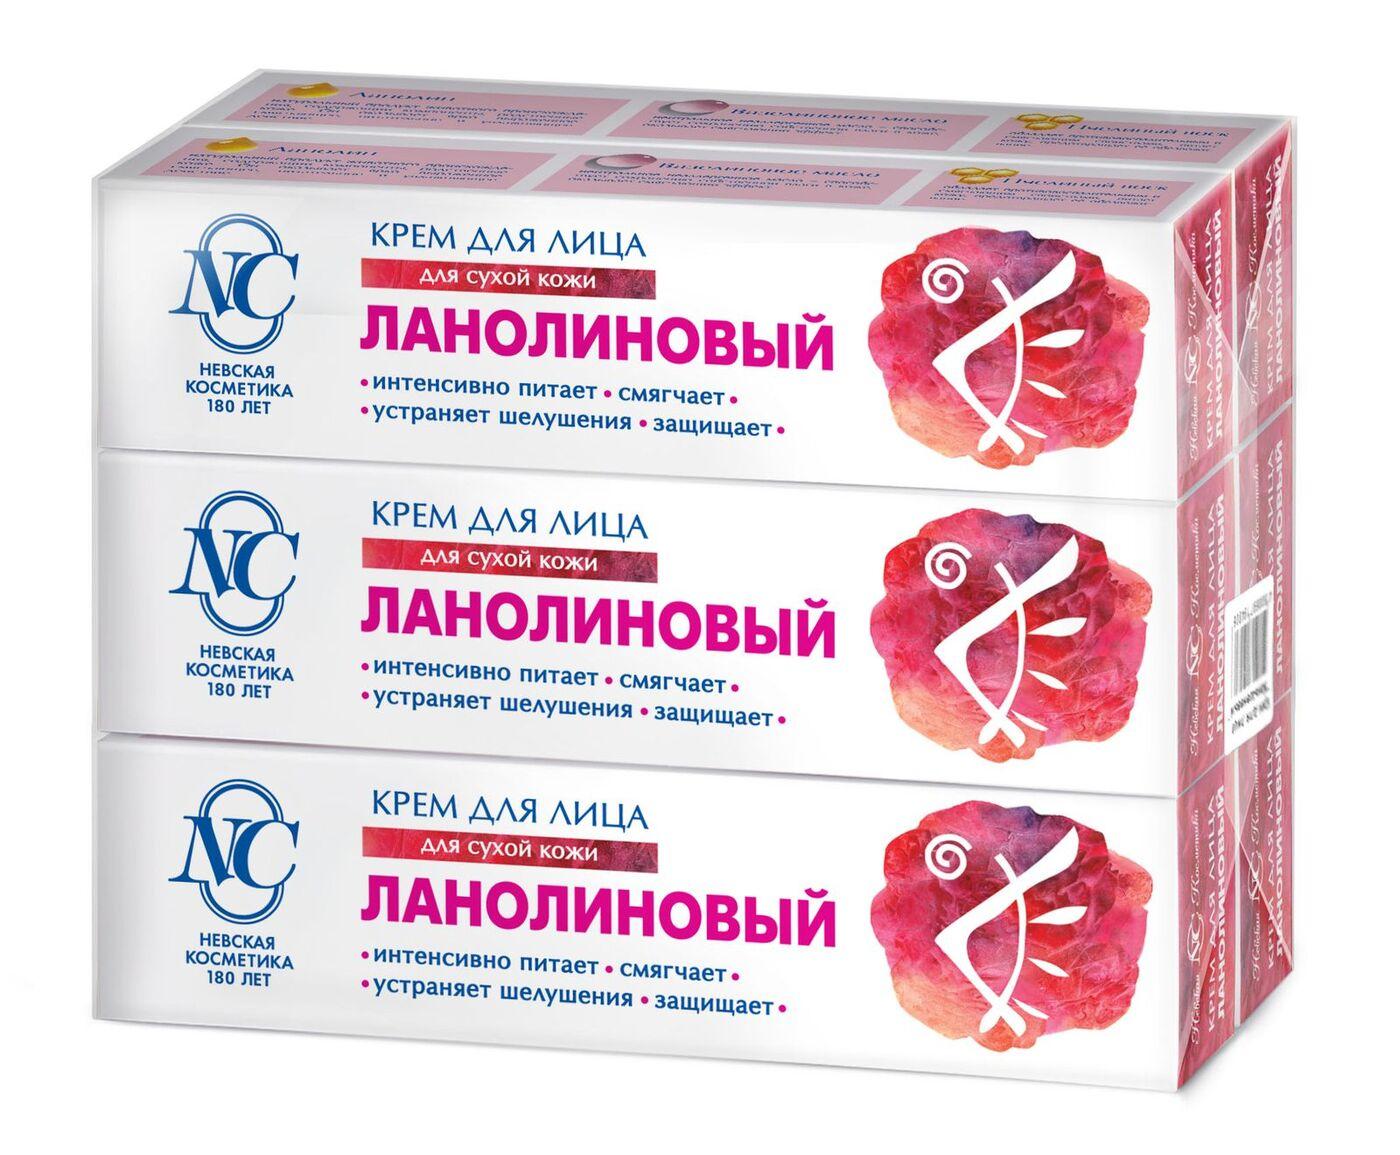 невская косметика крем для лица ланолиновый купить